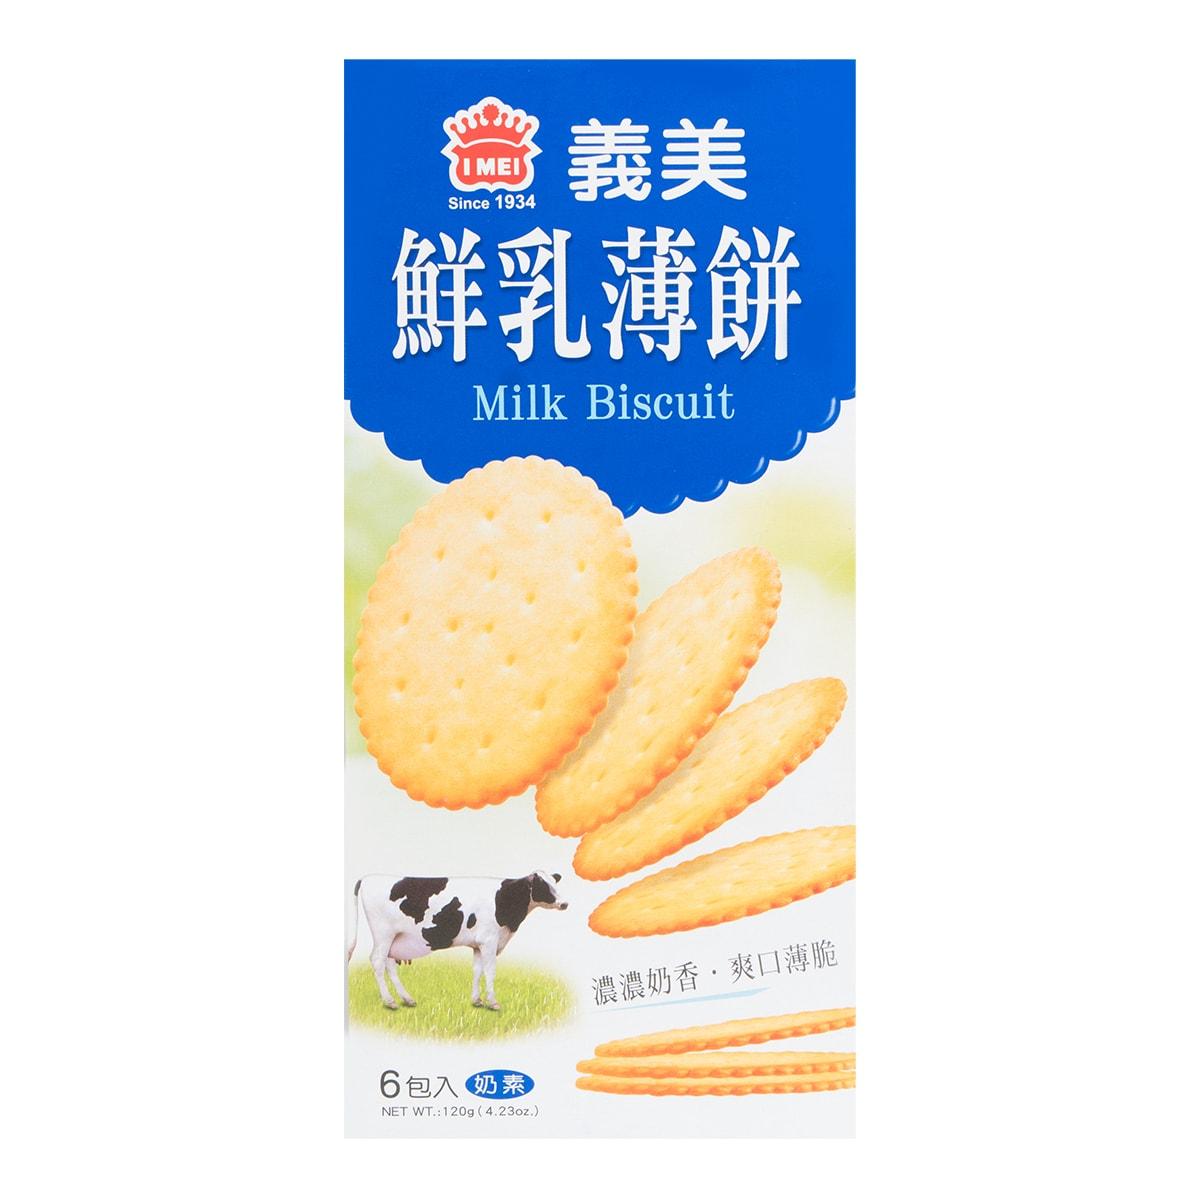 台湾IMEI义美 浓香美鲜乳薄饼 6包入 120g